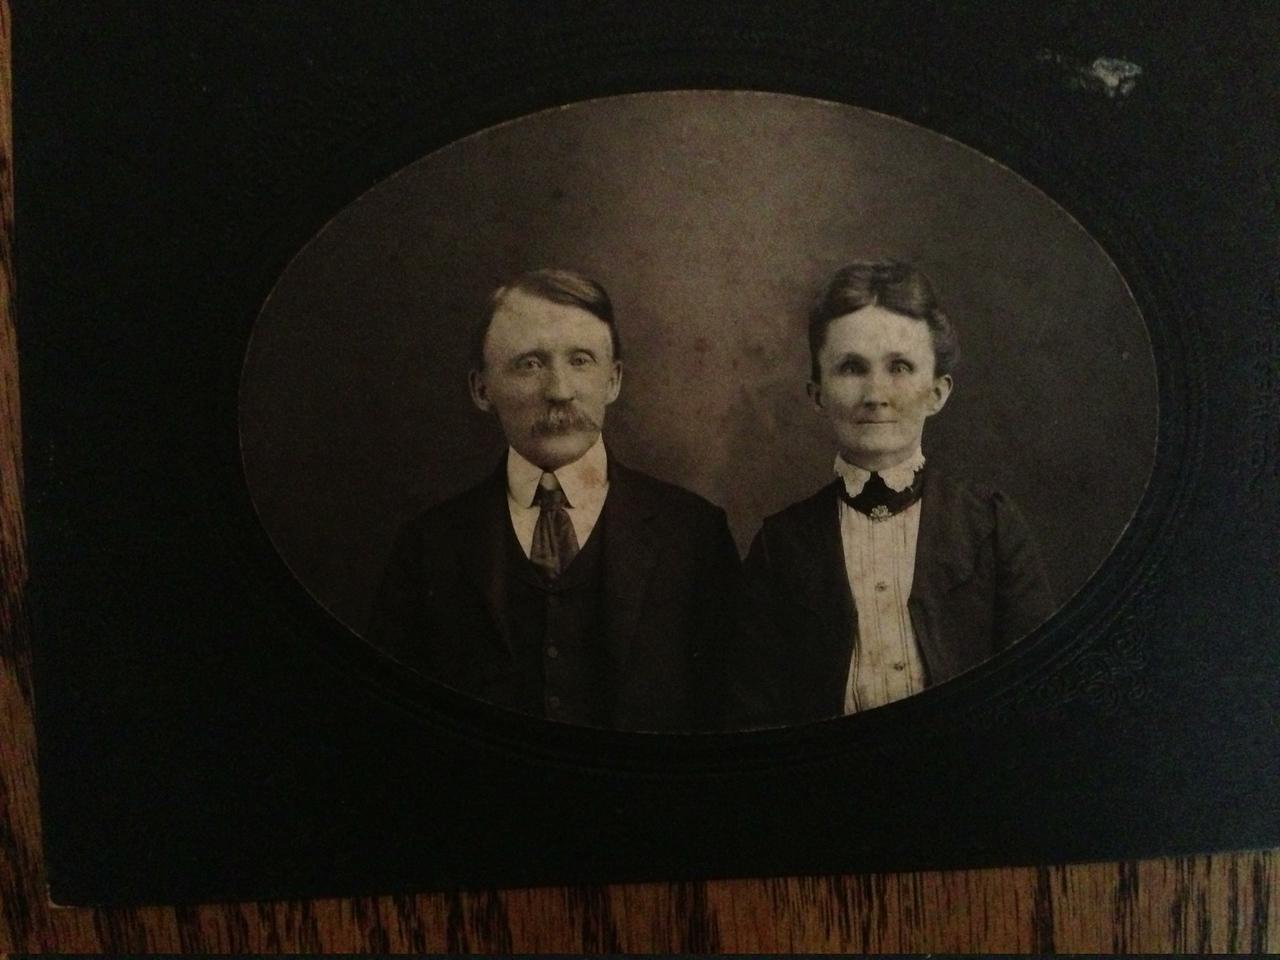 Myrtle Miller's parents